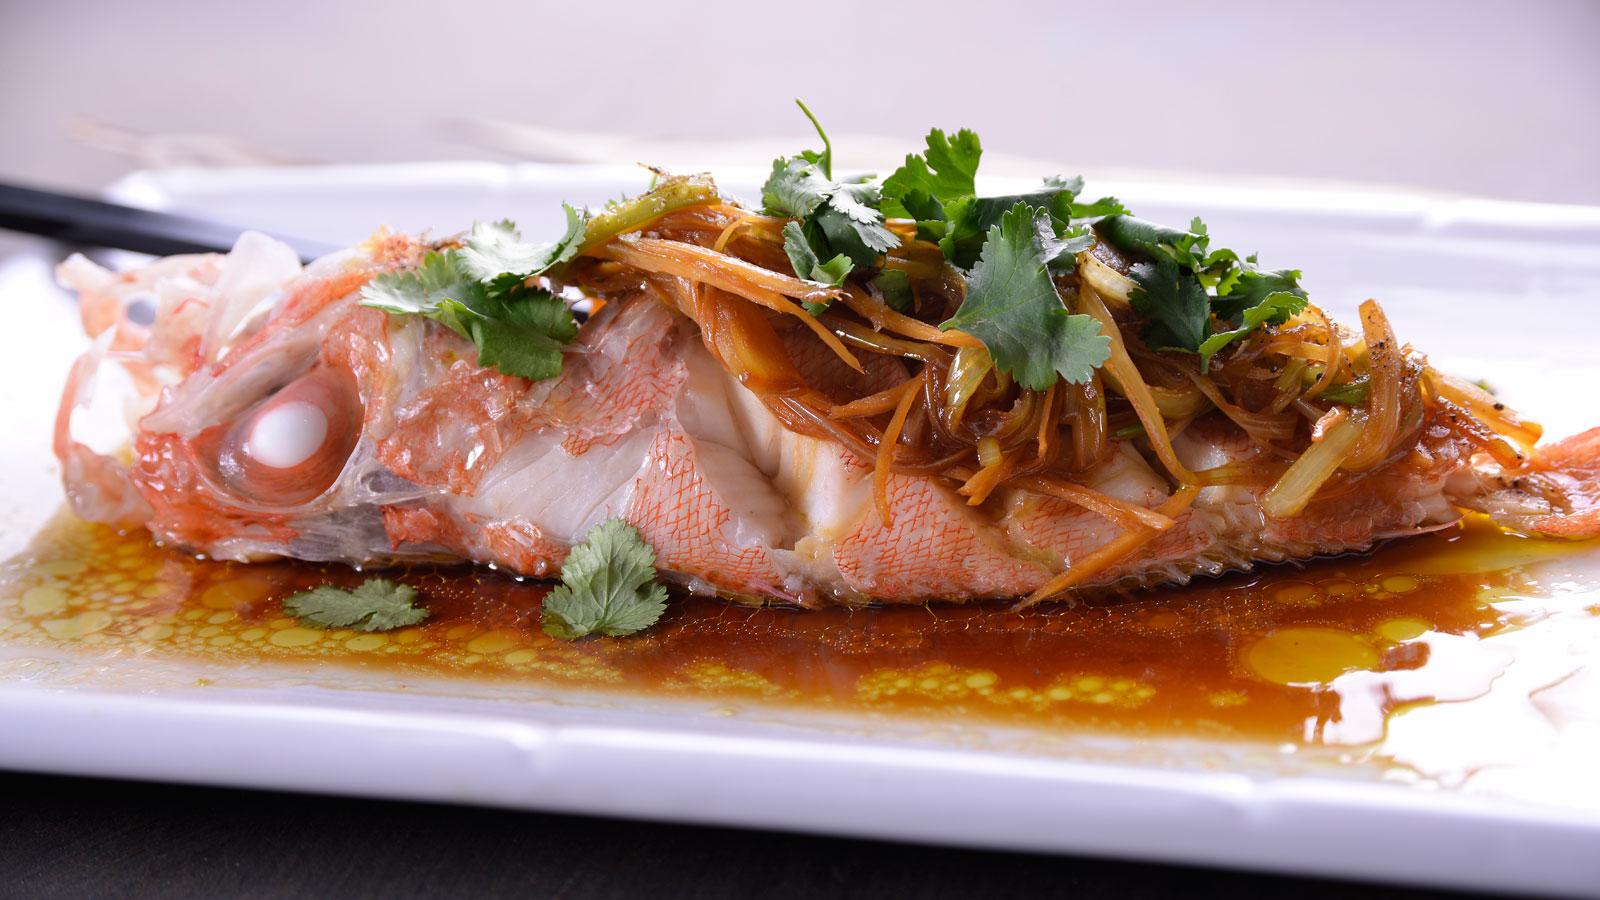 Como Cocinar Pescado Al Vapor | Cabracho Al Vapor Al Estilo Cantones Hung Fai Chiu Chi Video